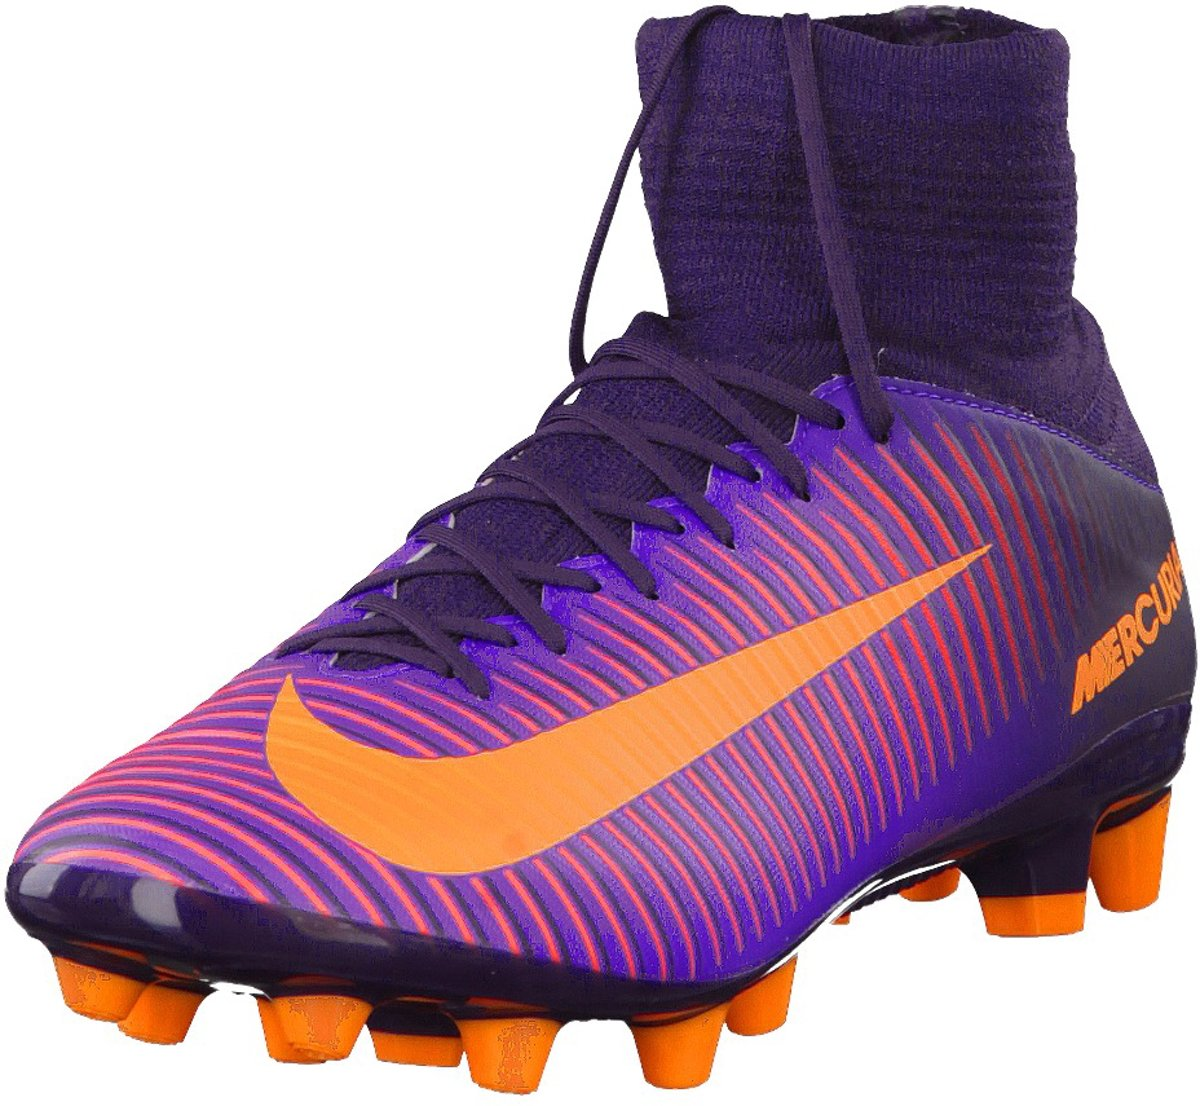 Nike Fitnessschoenen Purple DynastyBright Citrus Grape 44.5